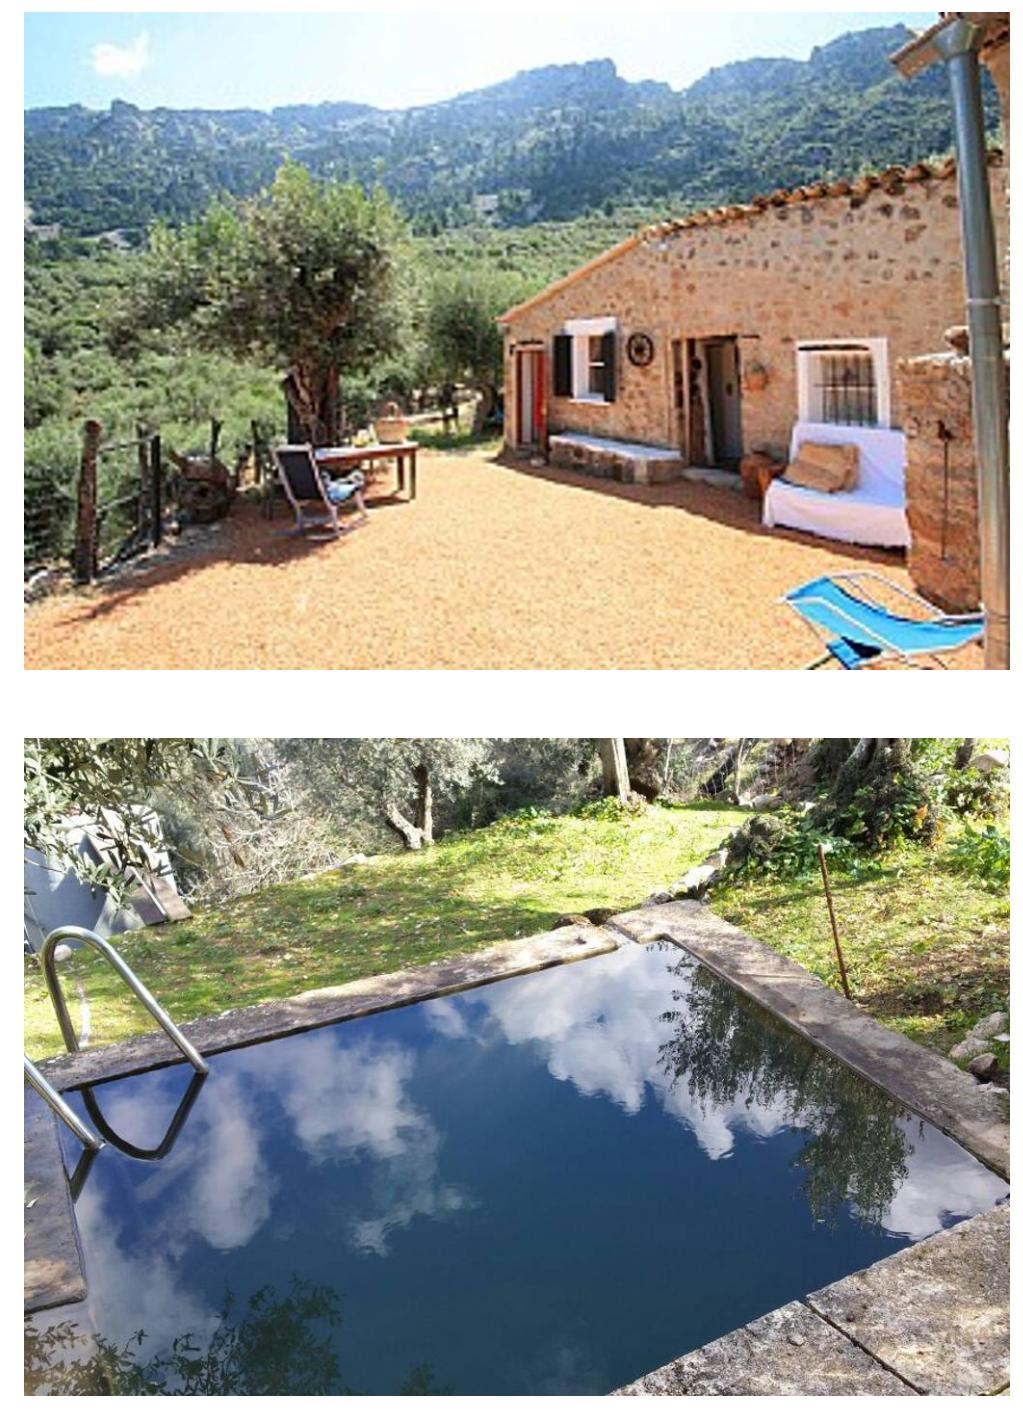 Photos with Link to the Casa Rural Enrtera